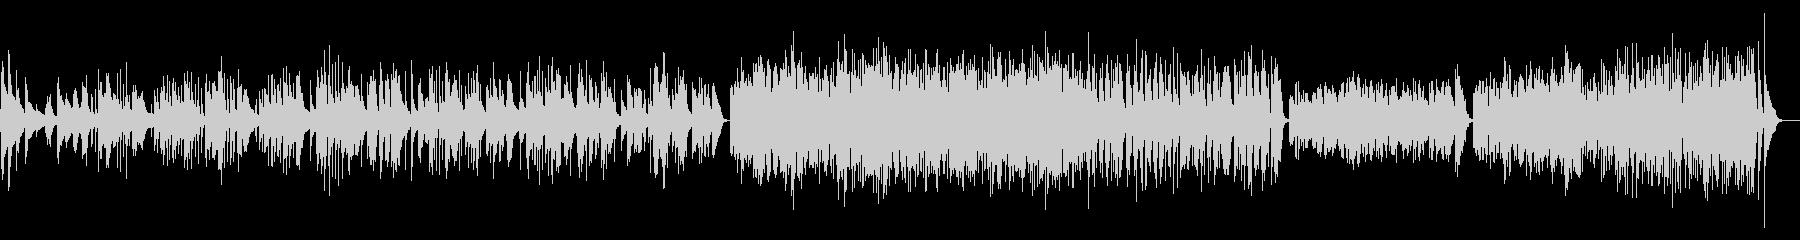 チャルダッシュ 木琴とピアノ ホールの未再生の波形